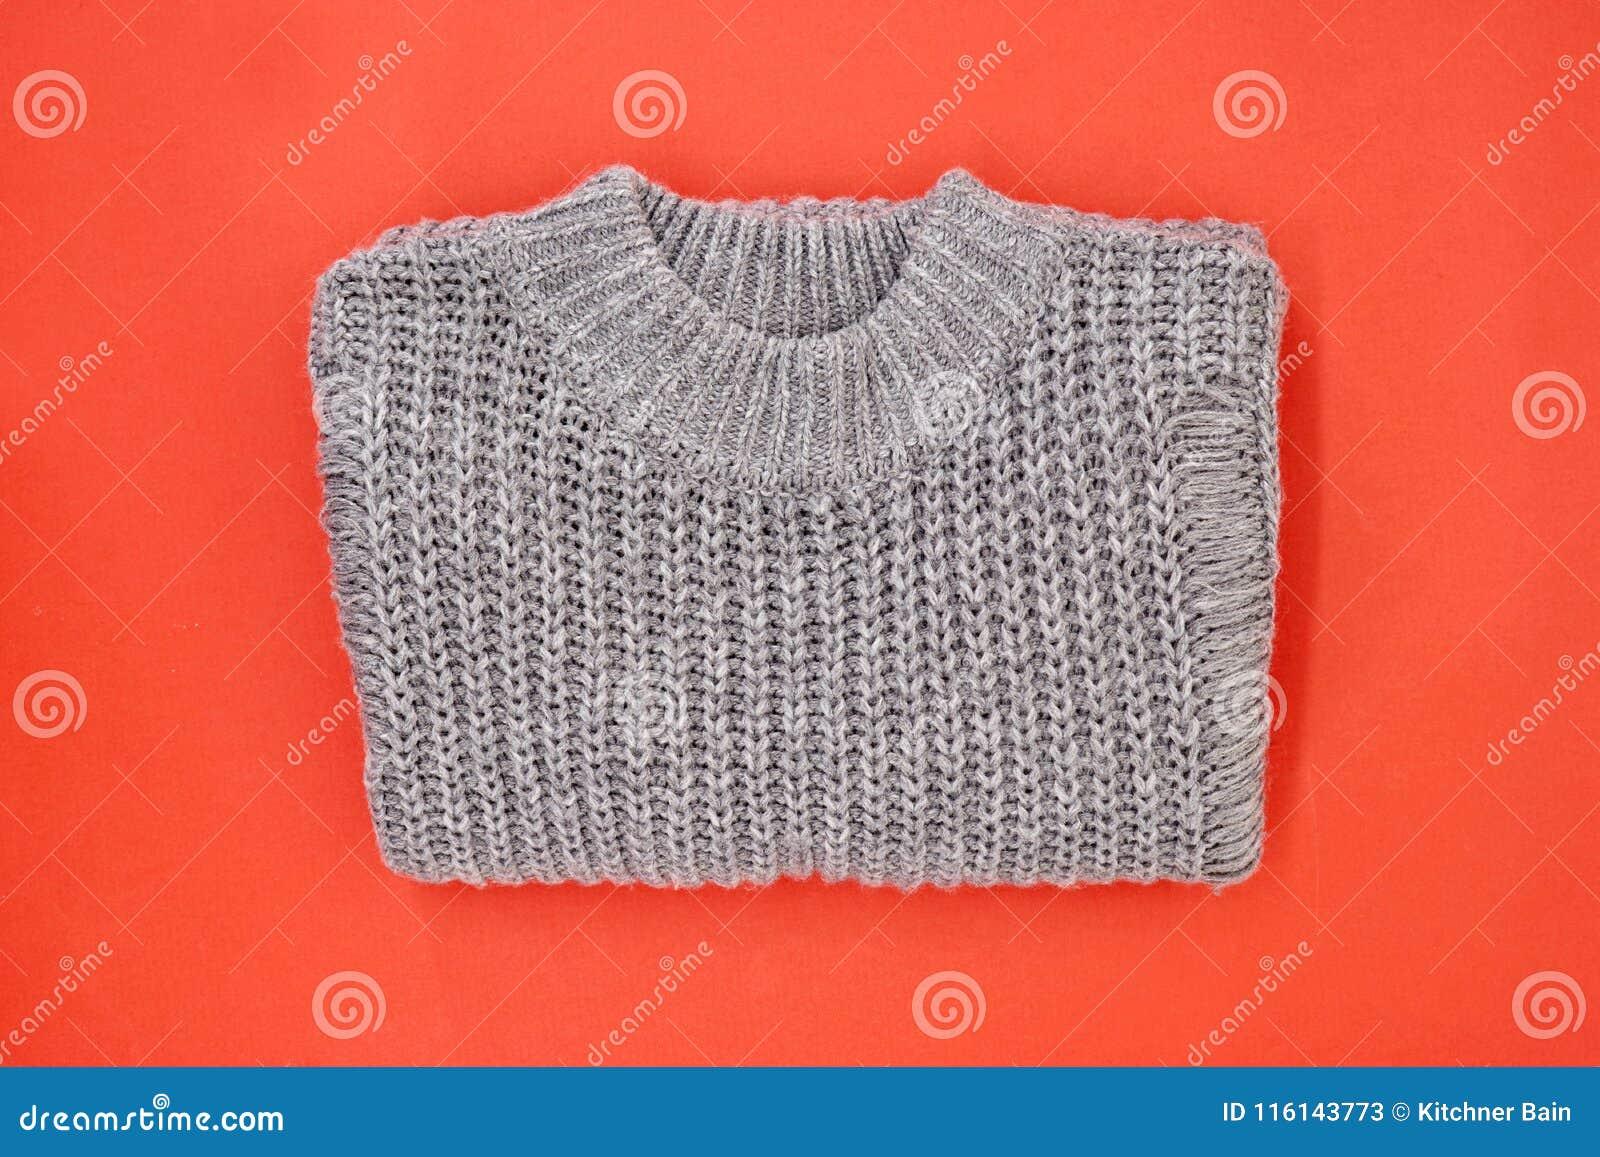 Puente de lana imagen de archivo. Imagen de ropa, estacional - 116143773